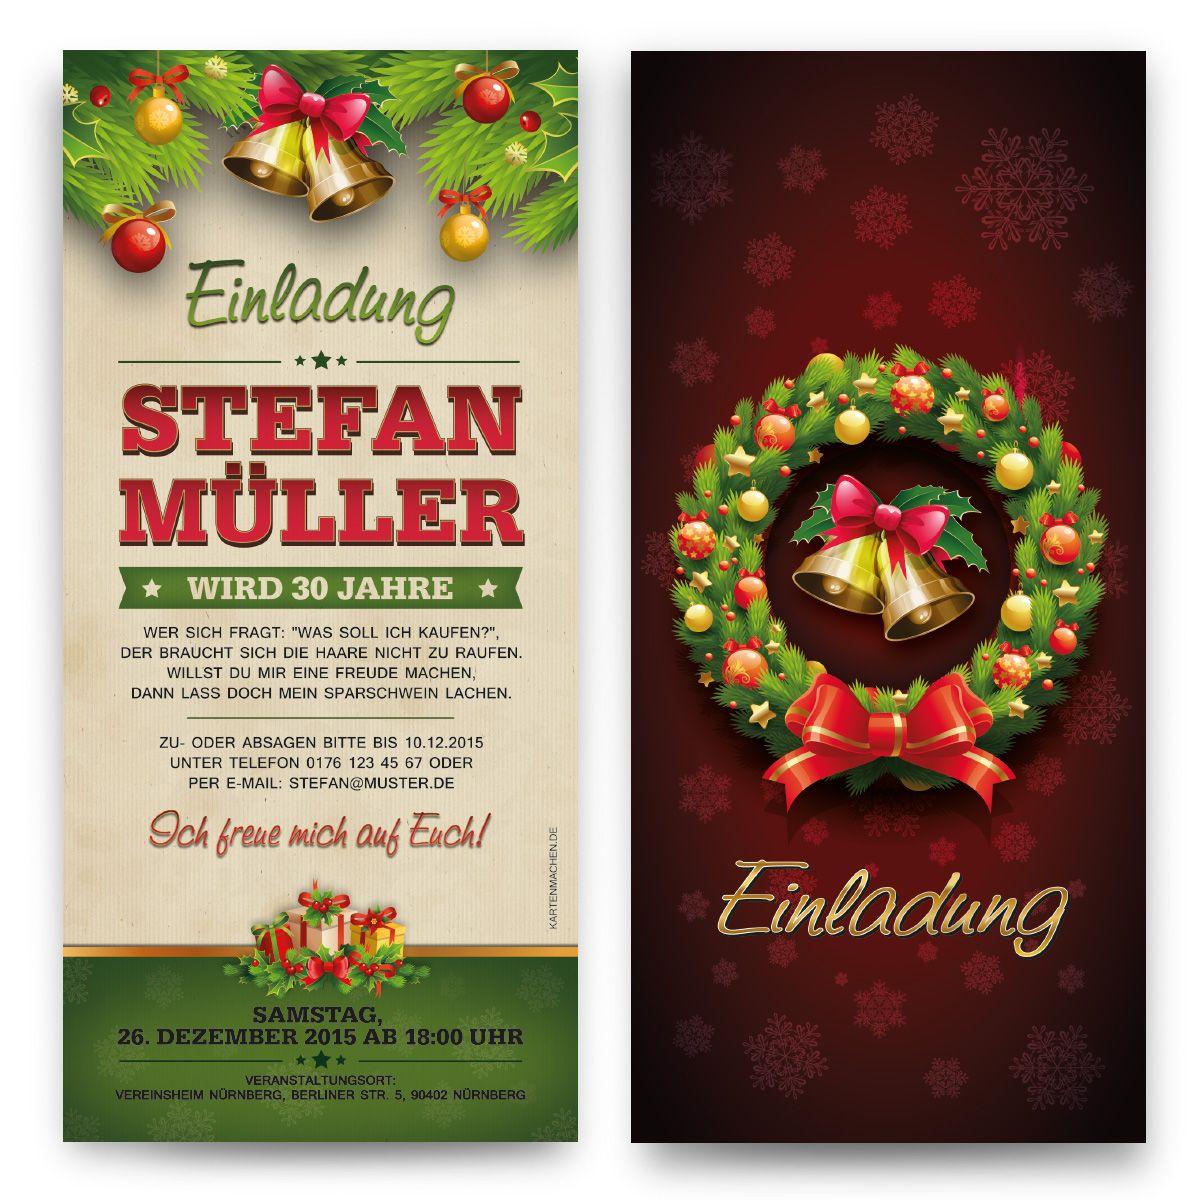 einladungskarten im weihnachten und advents motiv einladung einladungskarten party. Black Bedroom Furniture Sets. Home Design Ideas